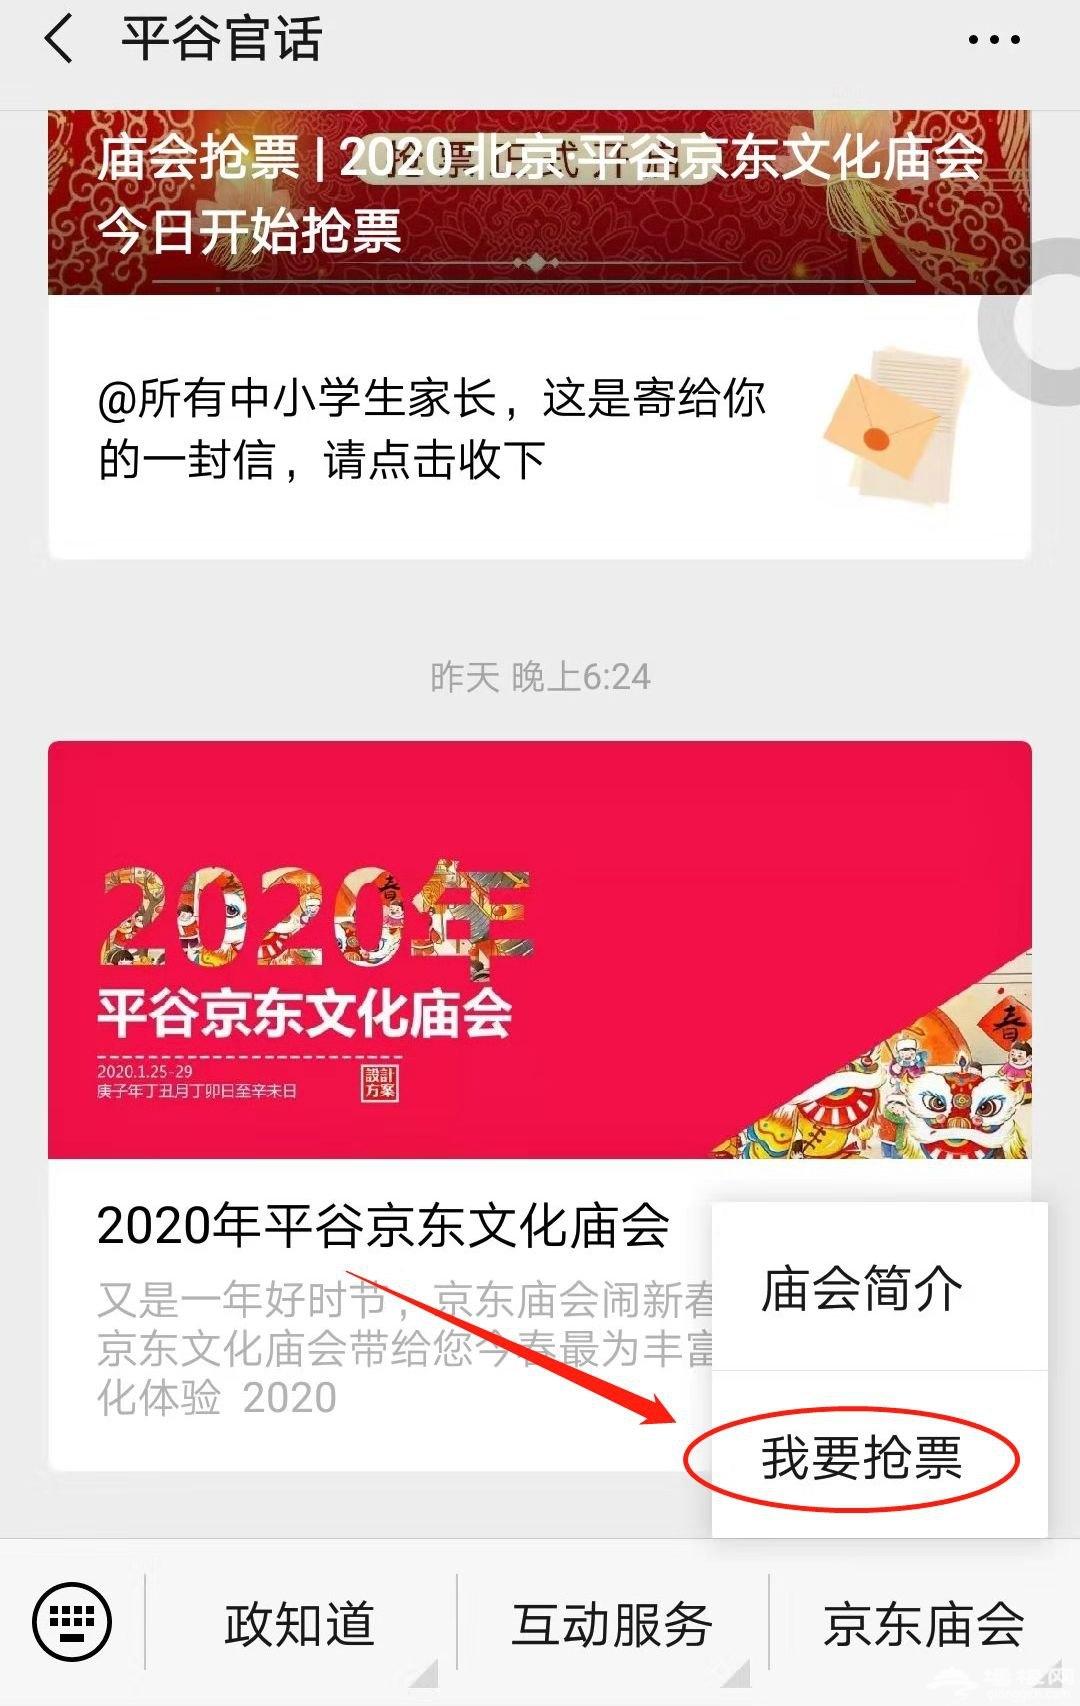 2020平谷京东文化庙会门票免费抢票(抢票时间+抢票流程+活动内容)[墙根网]